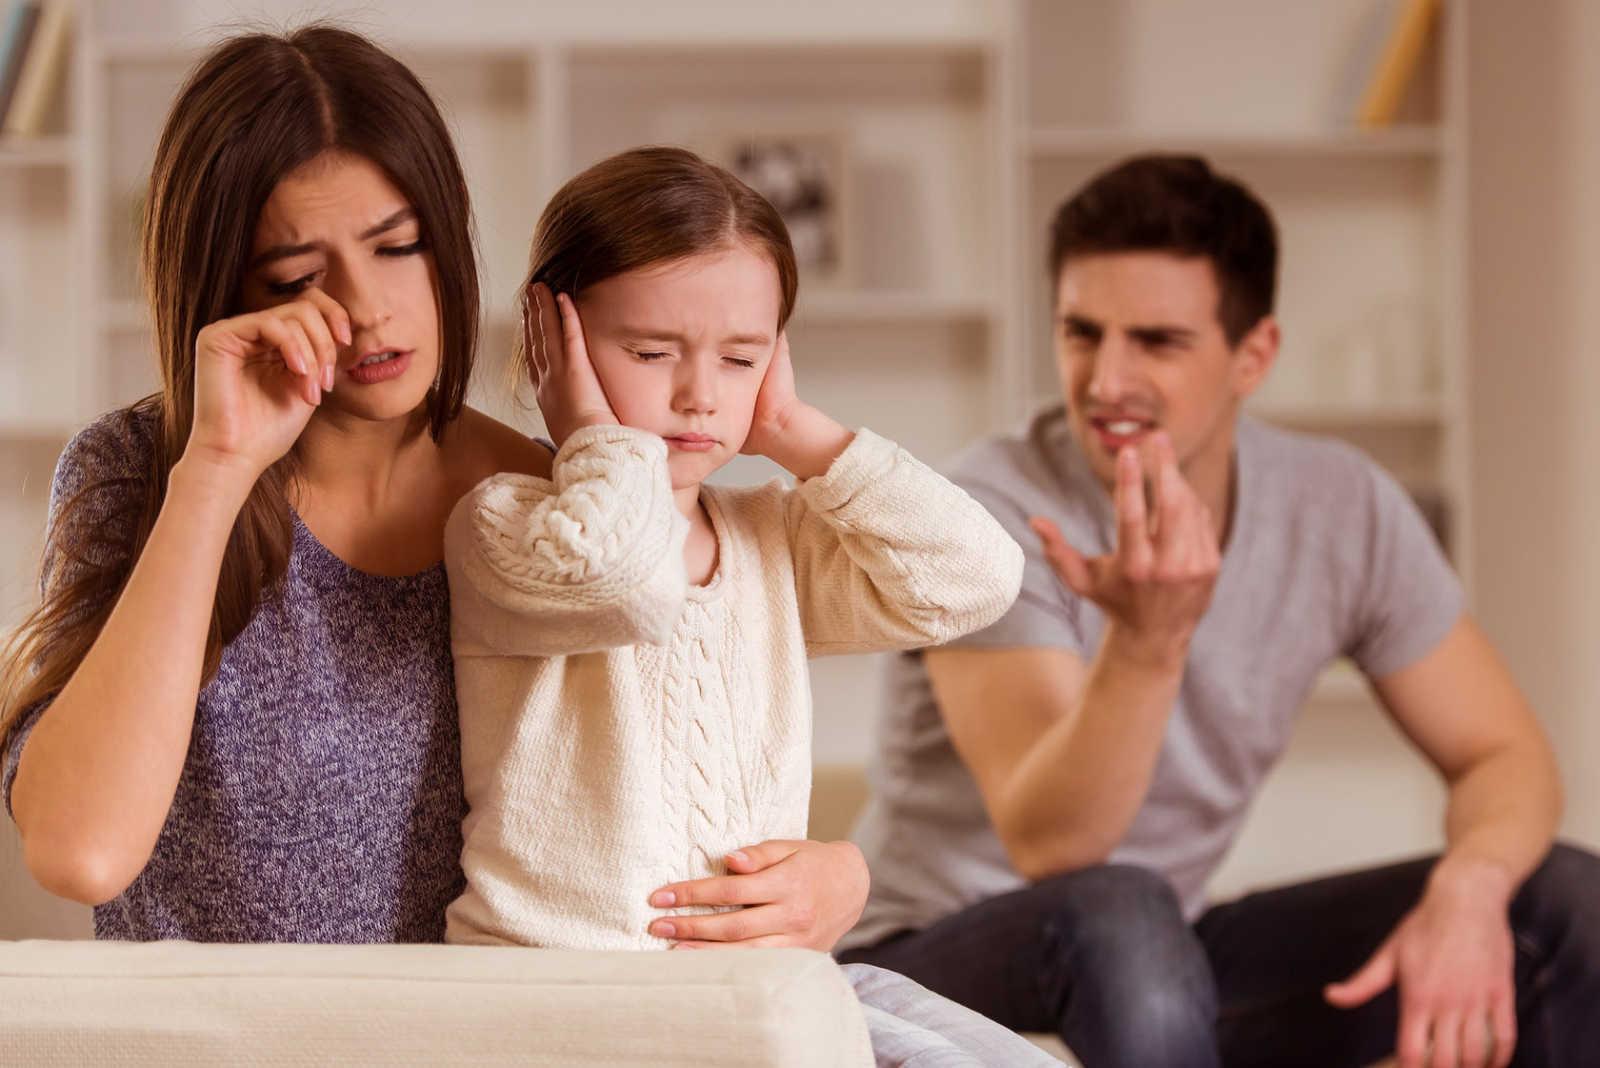 подавленный гнев: истоки психологического насилия в семье. Два родителя и ребенок, закрывший уши